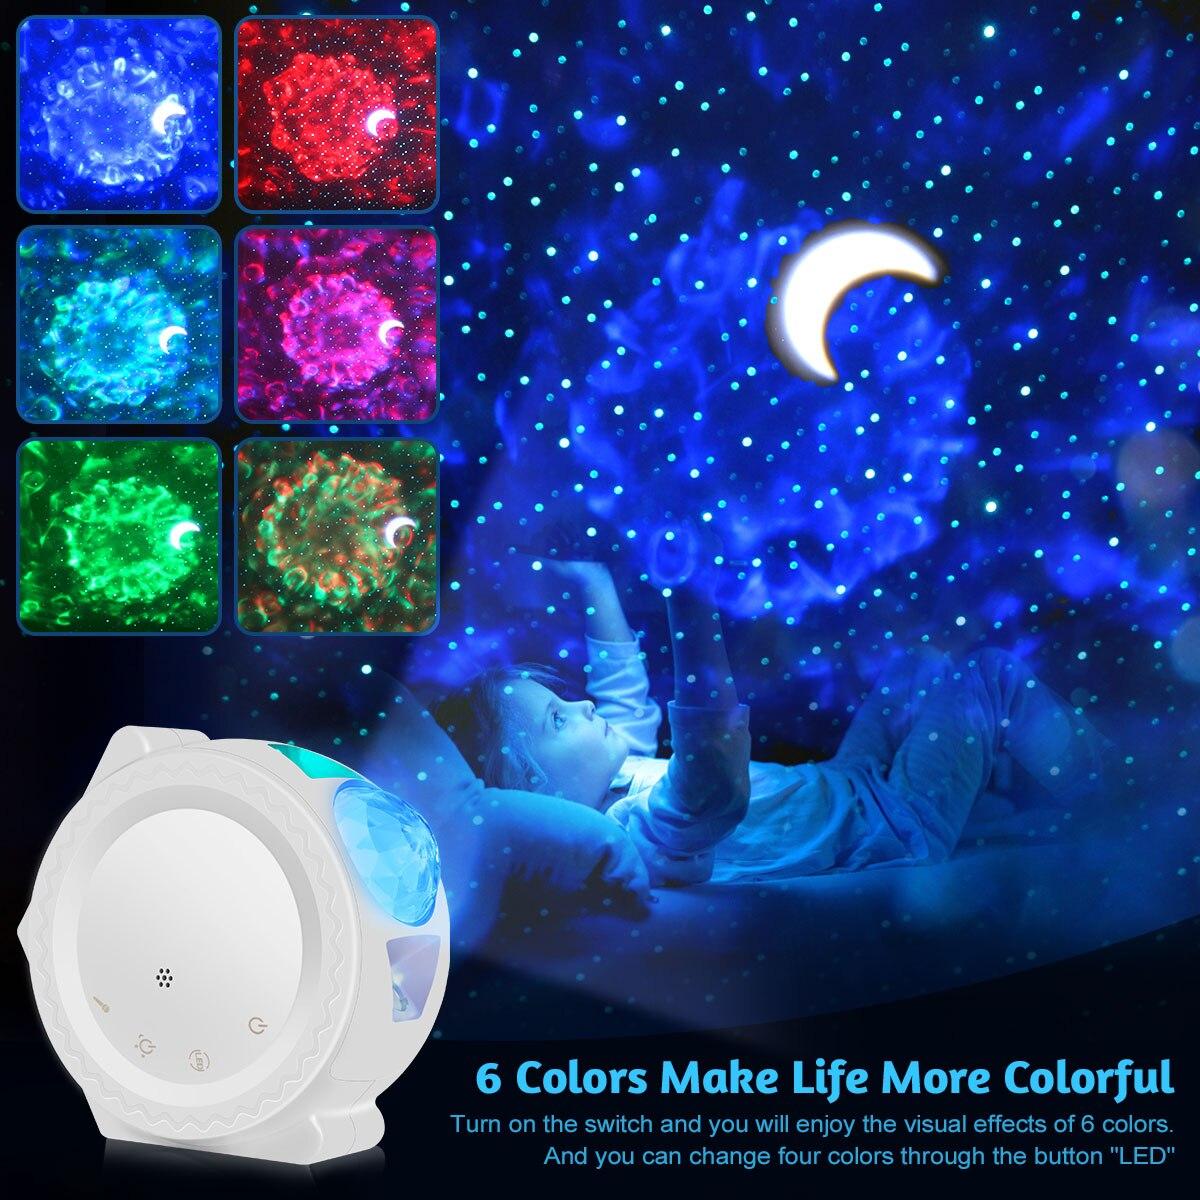 6 kolorów Ocean macha światłem Starry Sky projektor LED mgławica lampka nocna w kształcie chmury 360 stopni obrót lampka nocna dla dzieci DA